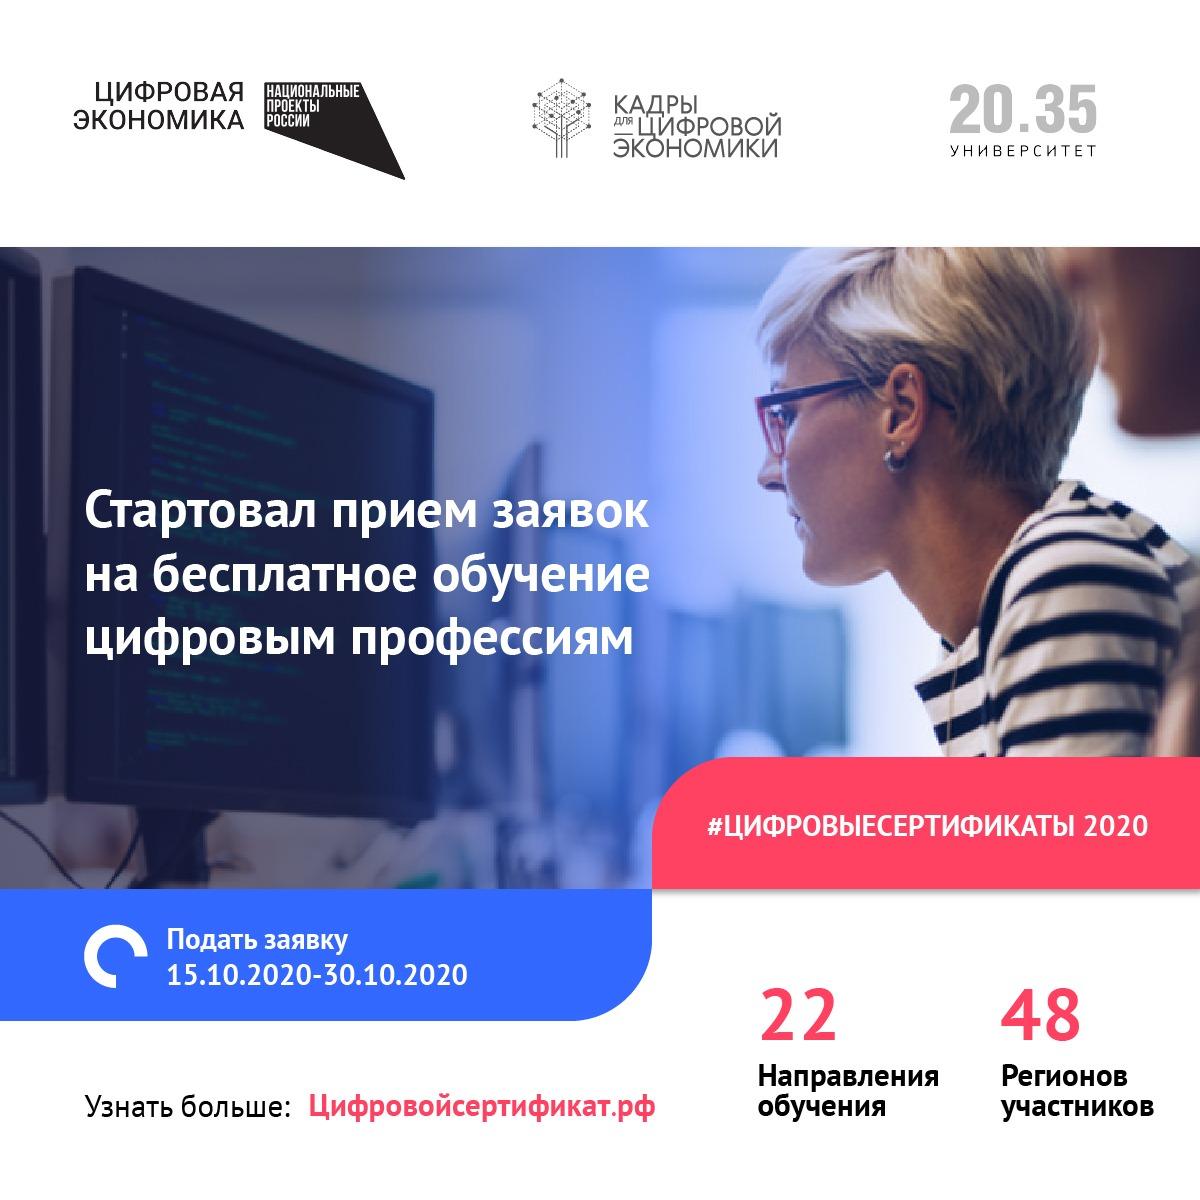 Жители Коми могут пройти бесплатное обучение в рамках нацпроекта «Цифровая экономика»